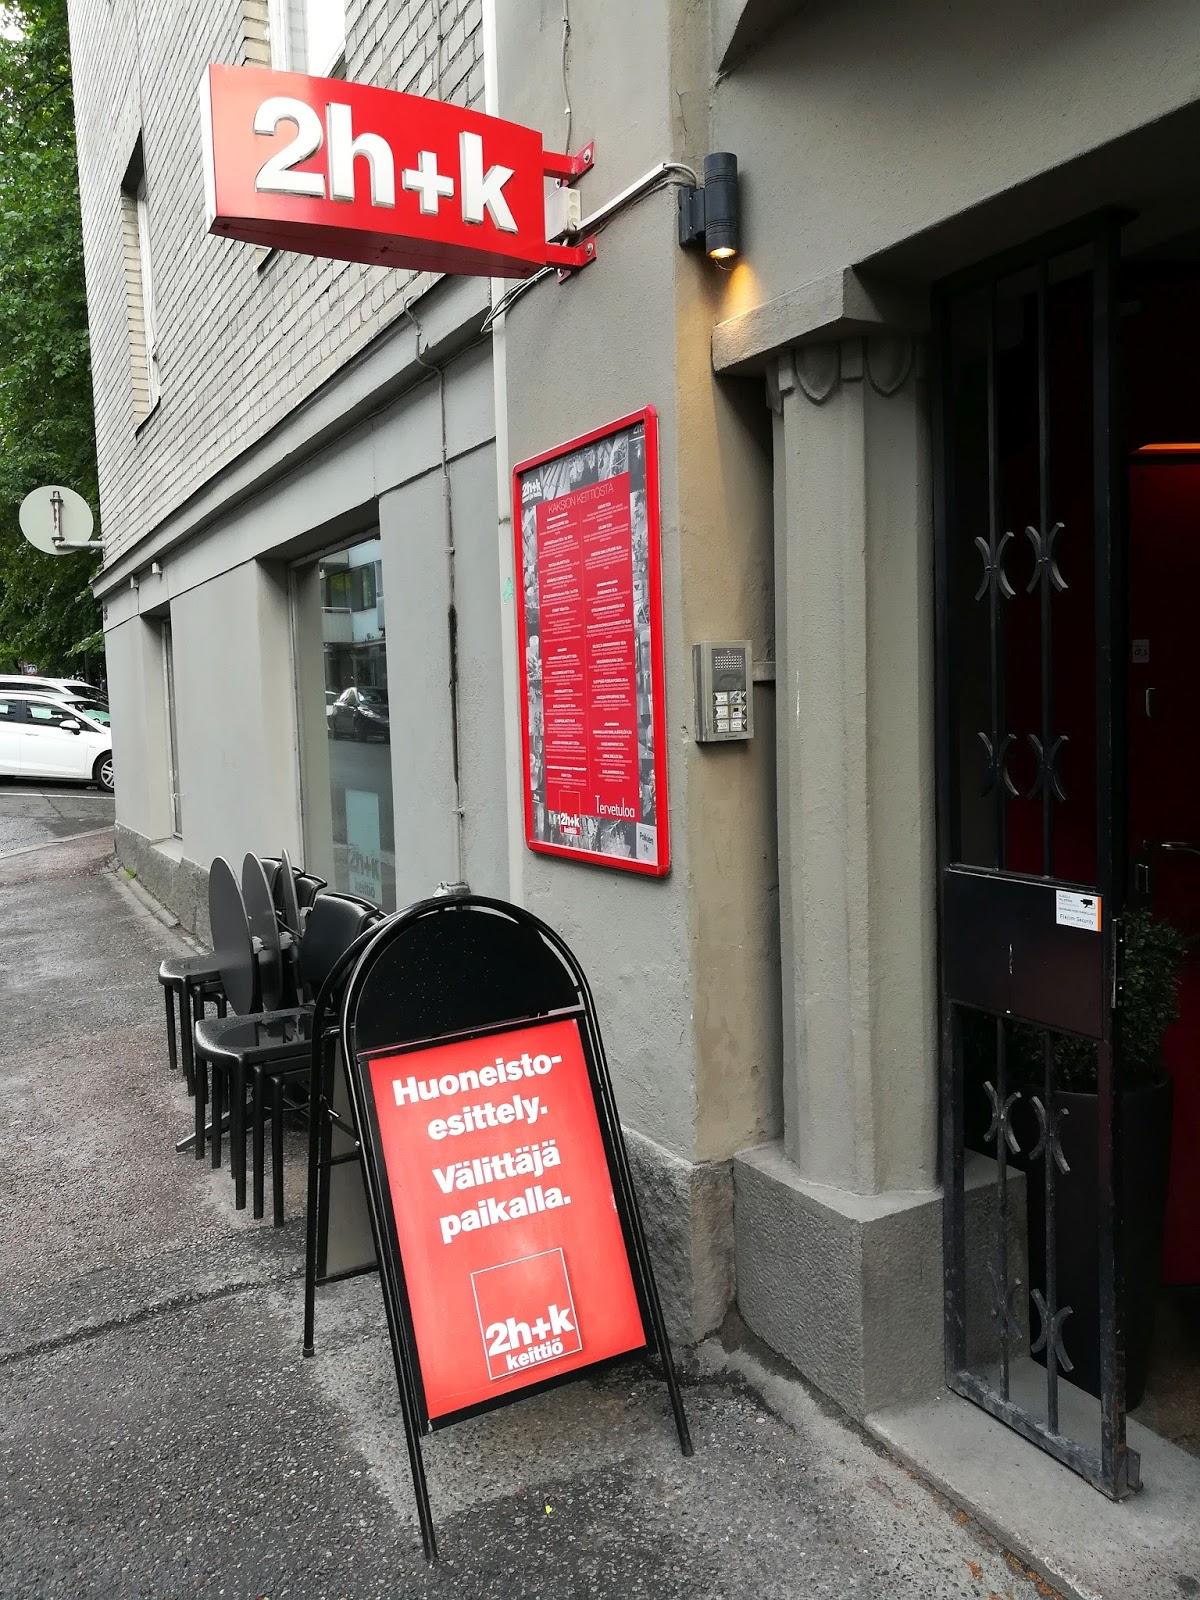 2h+k kaksio tampere ravintola arvostelu mallaspulla maistelee ruokablogi